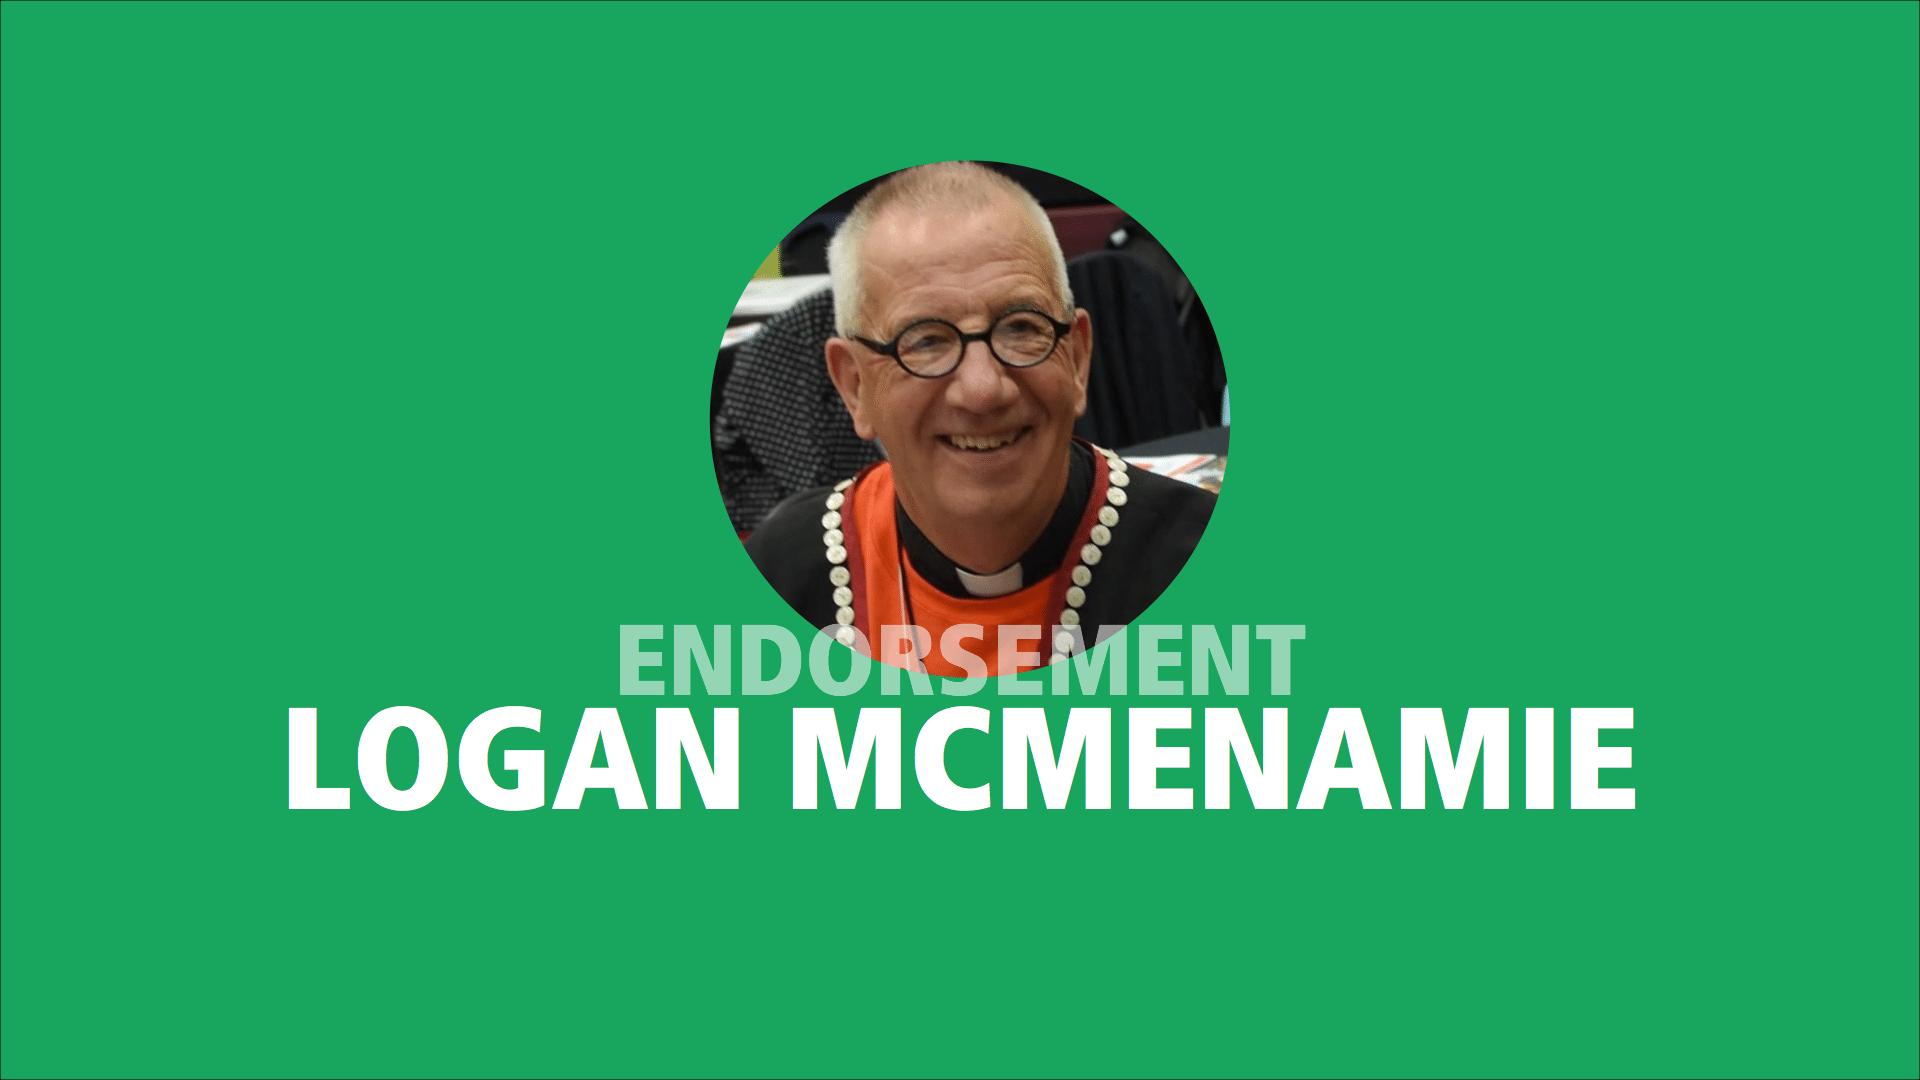 Logan McMenamie endorses Adam Olsen